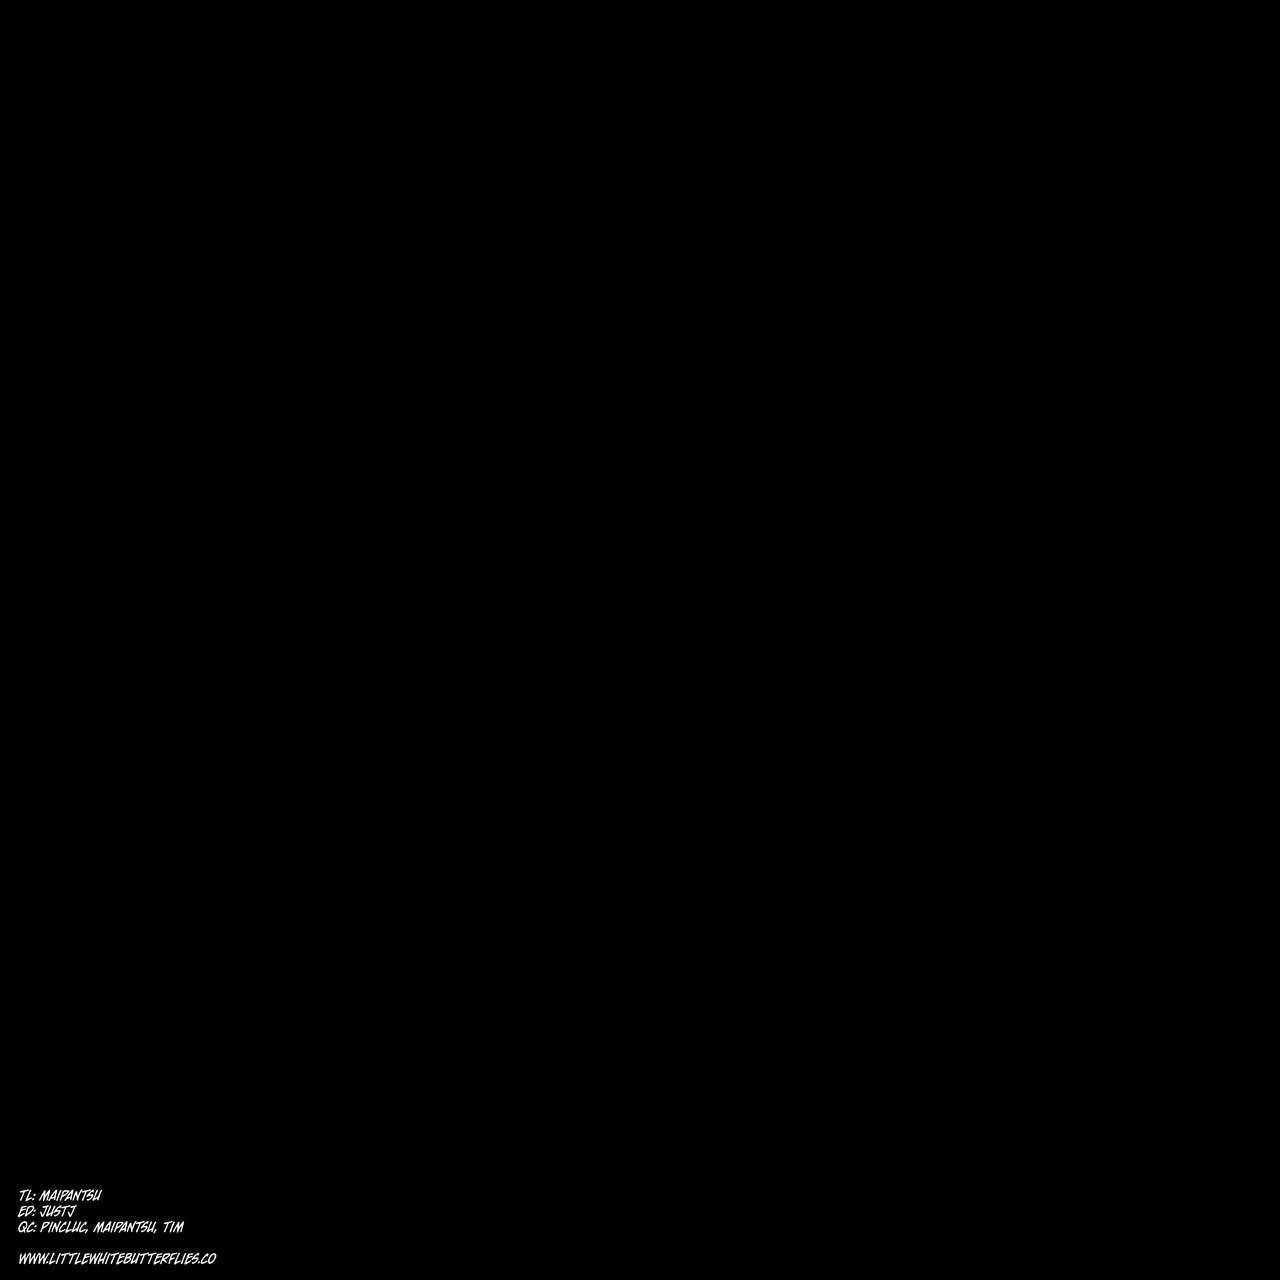 Kuromajo no Koukotsu   The Black Witch's Ecstasy 39